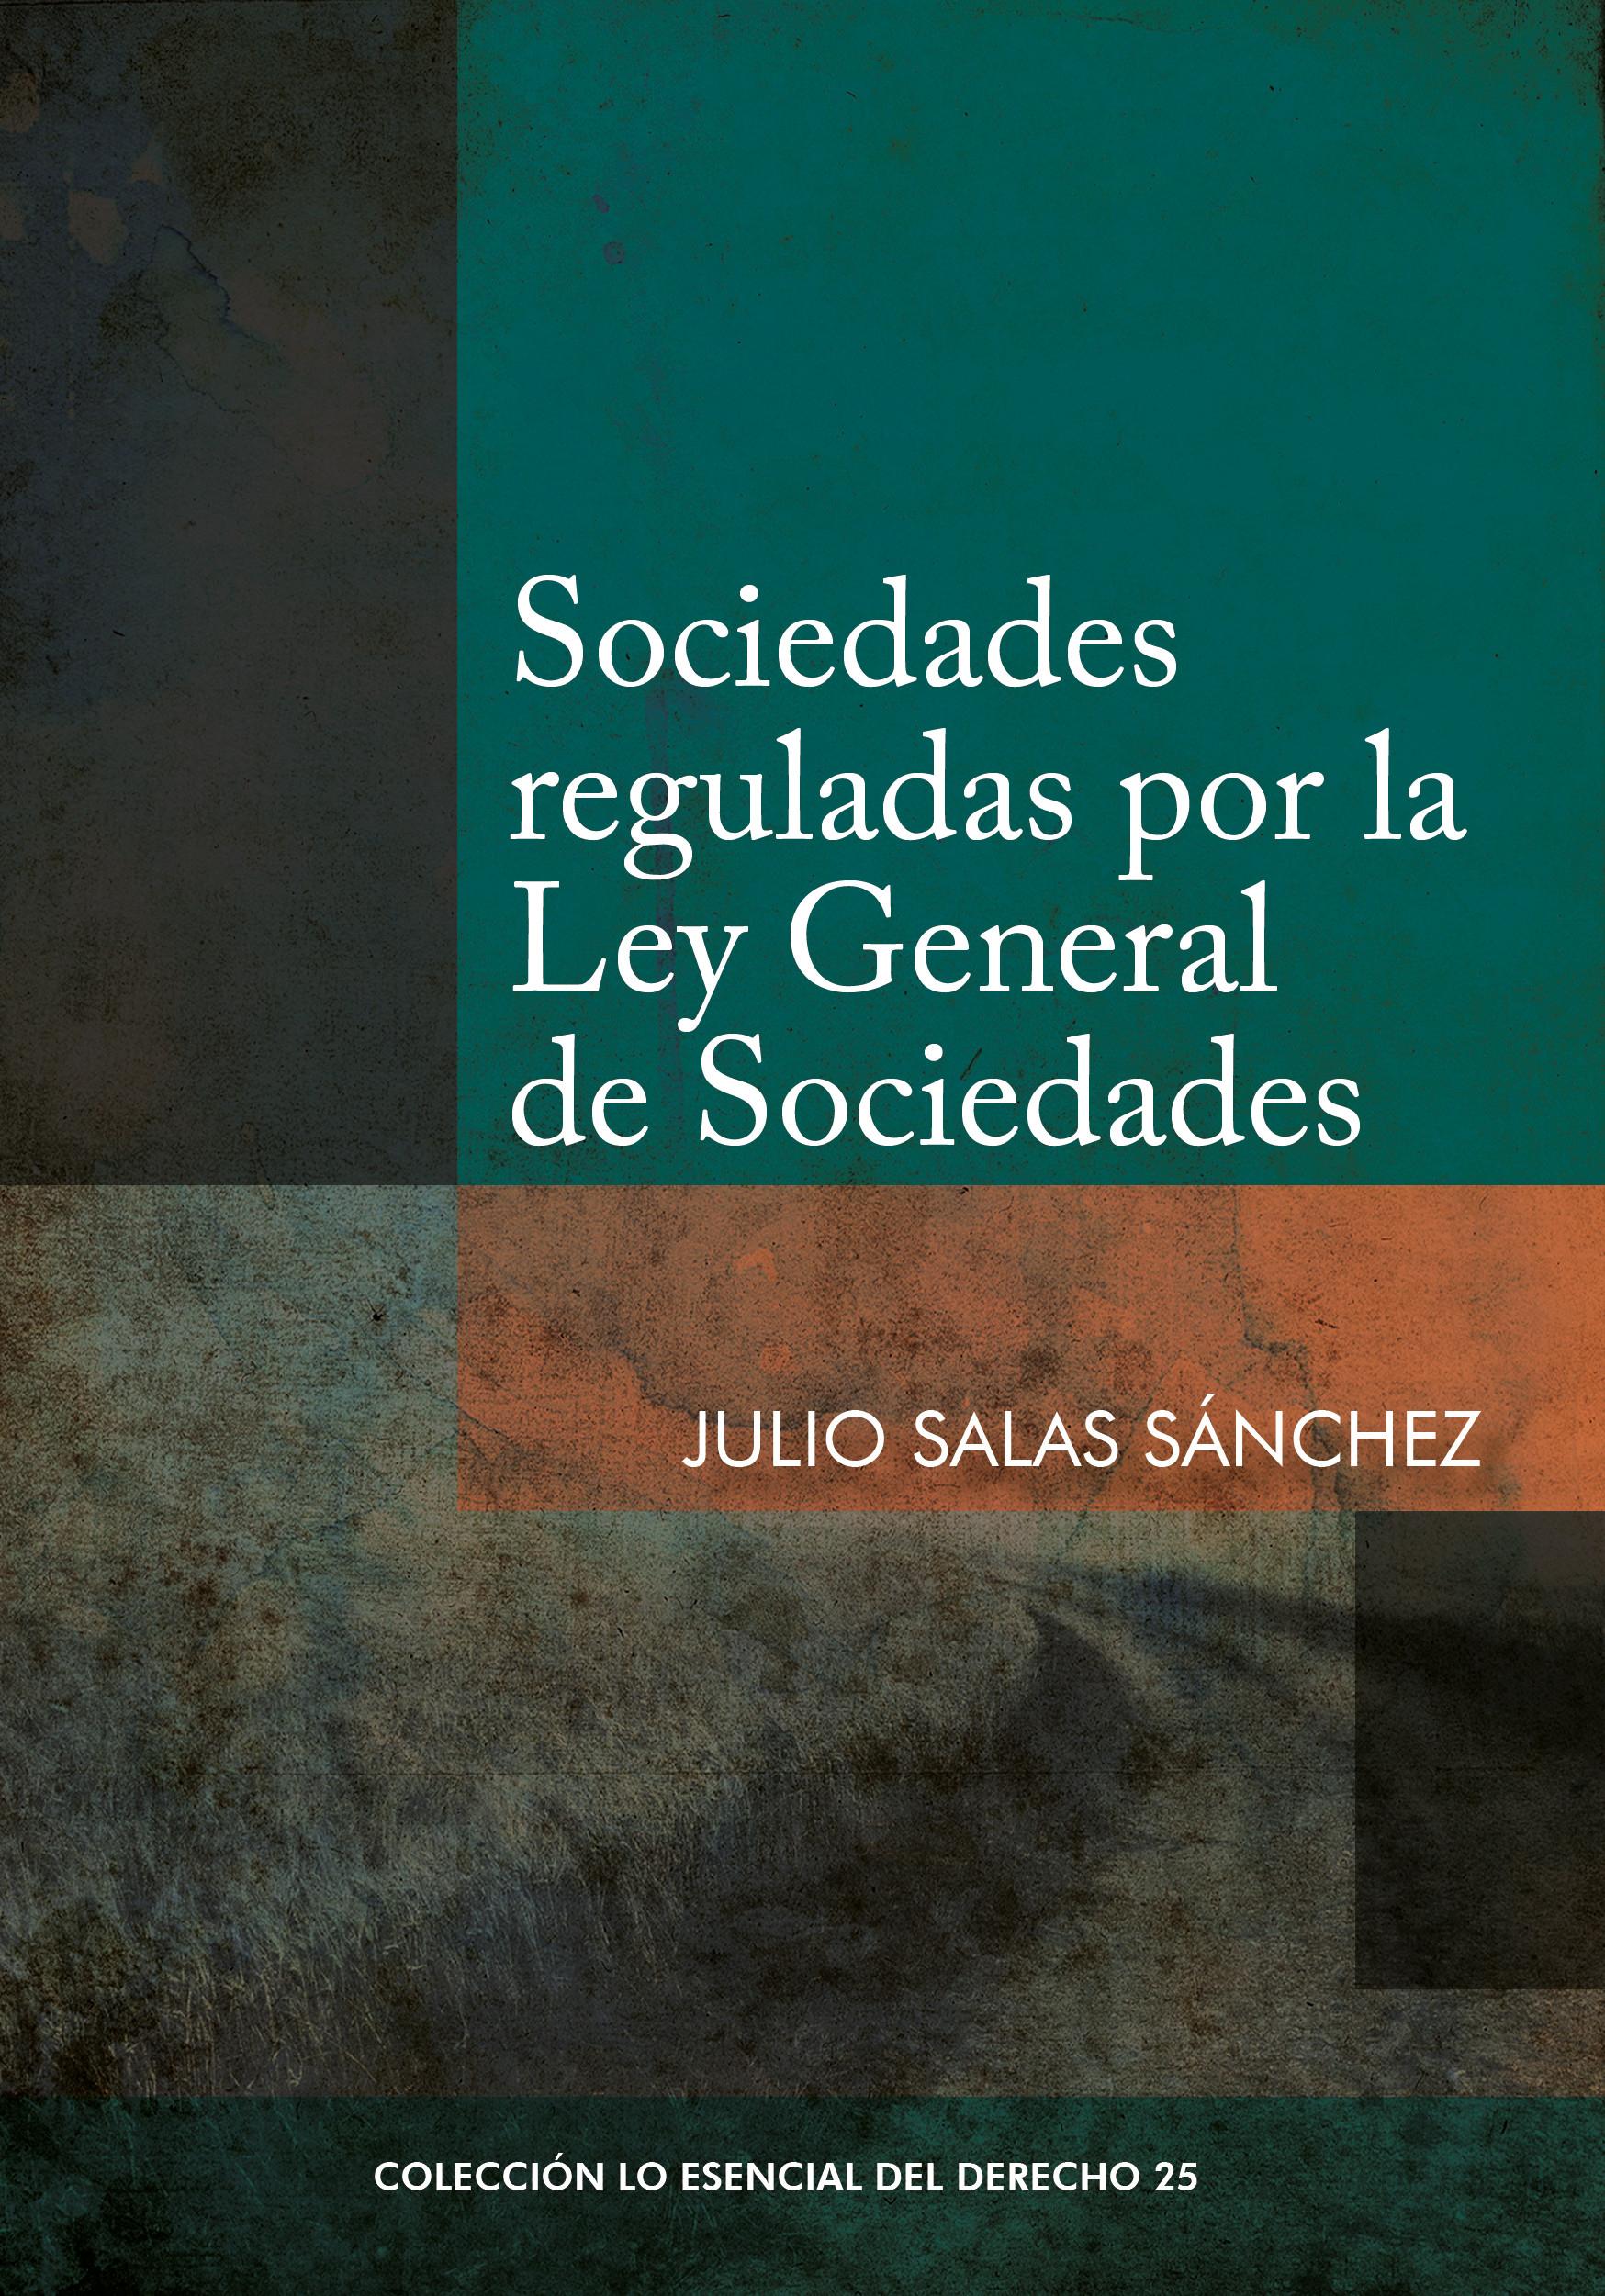 Sociedades reguladas por la Ley General de sociedades